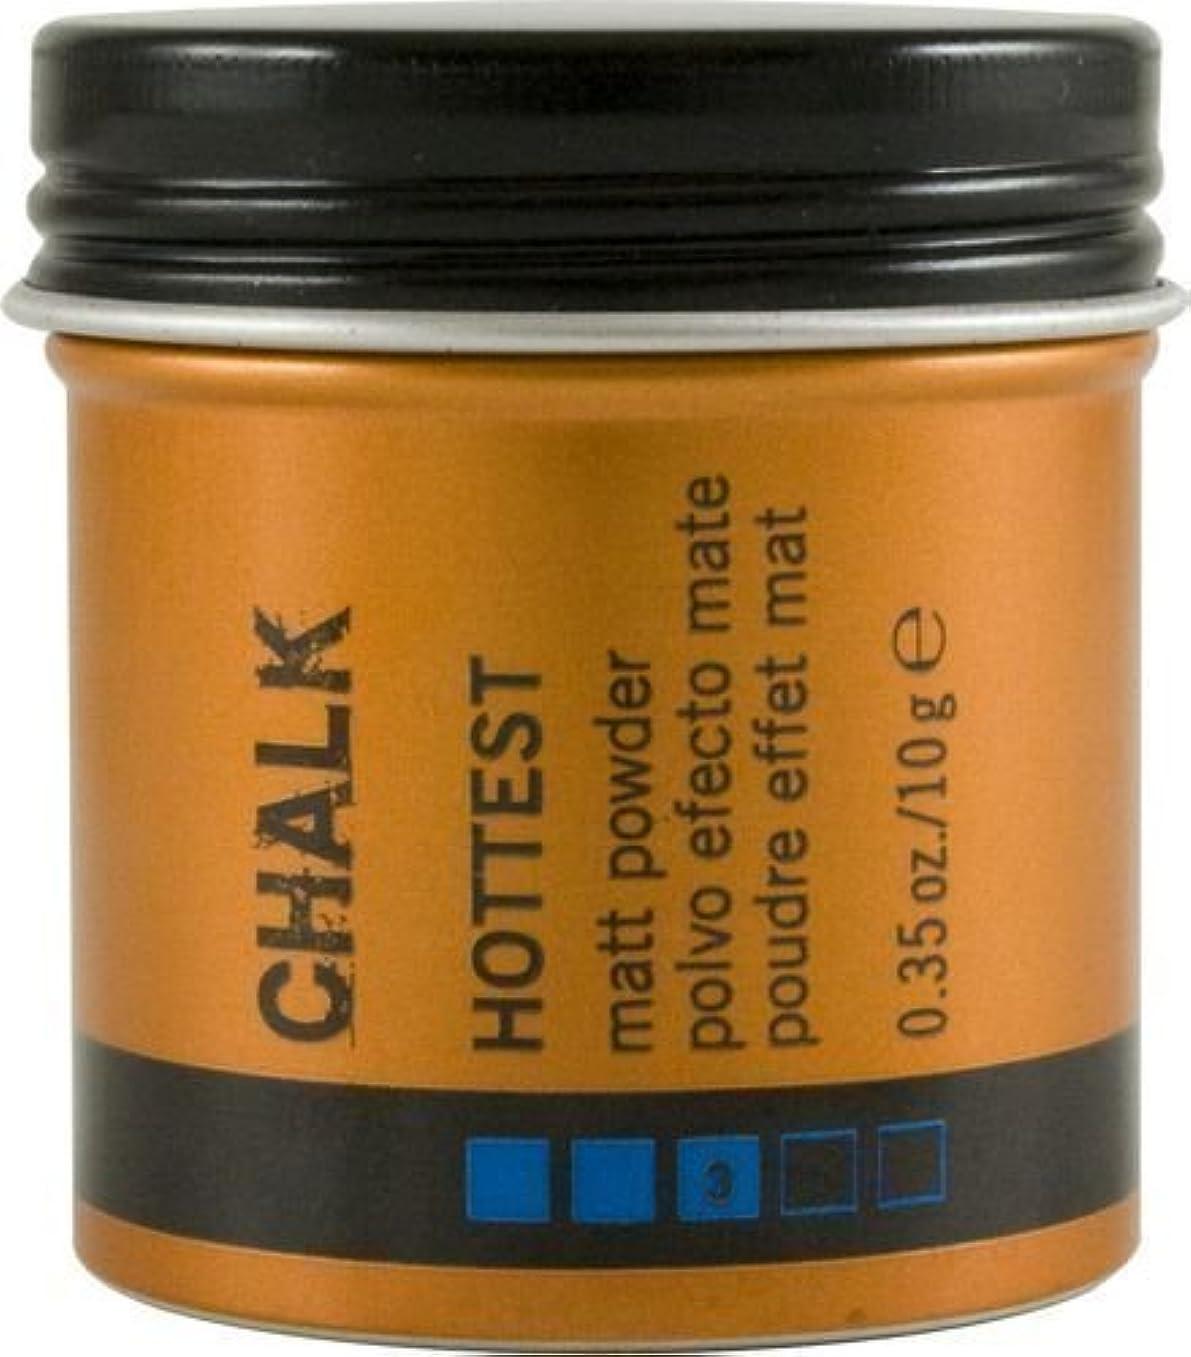 論争の的韻セクションLakme K.Style Chalk Hottest Matt powder 0.35 oz/ 10 g by Lakme